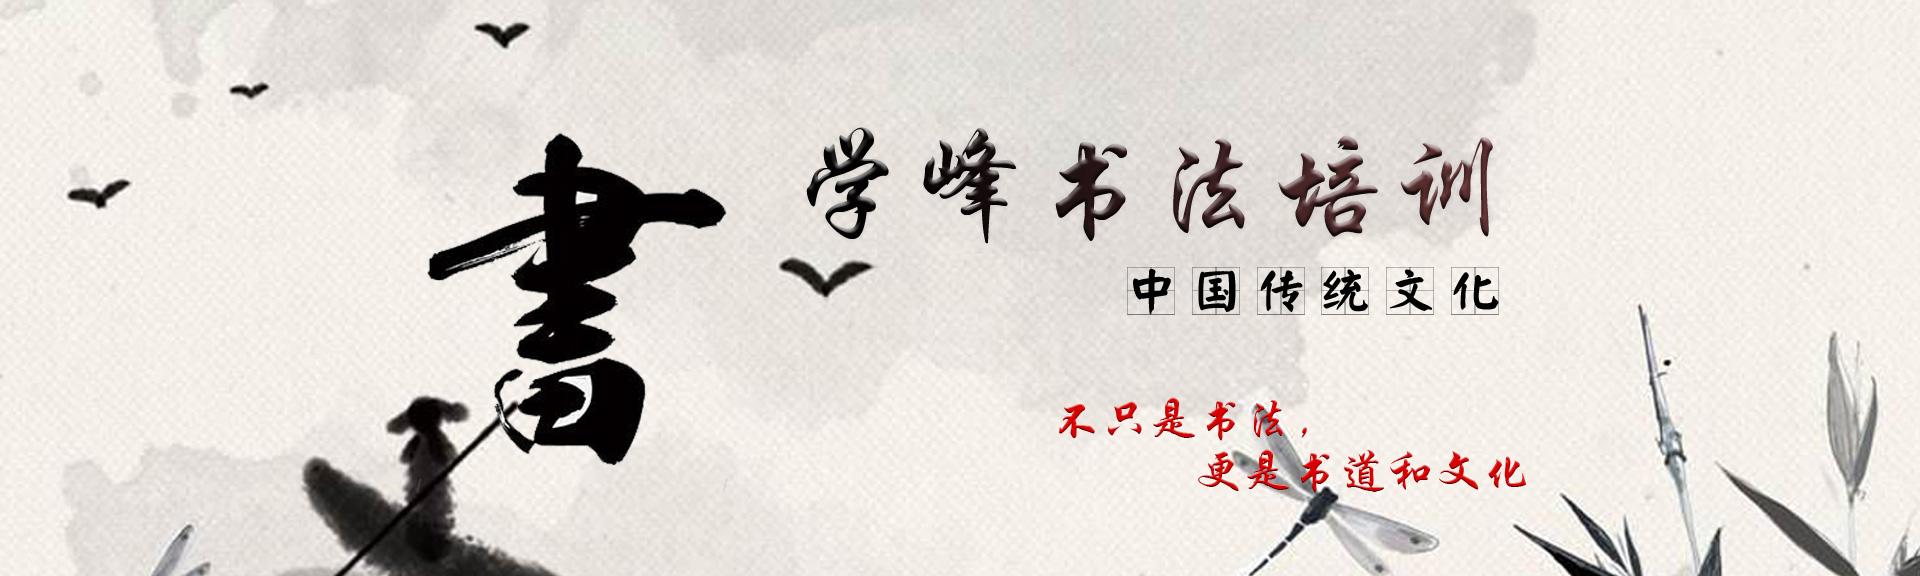 南阳毛笔书法培训